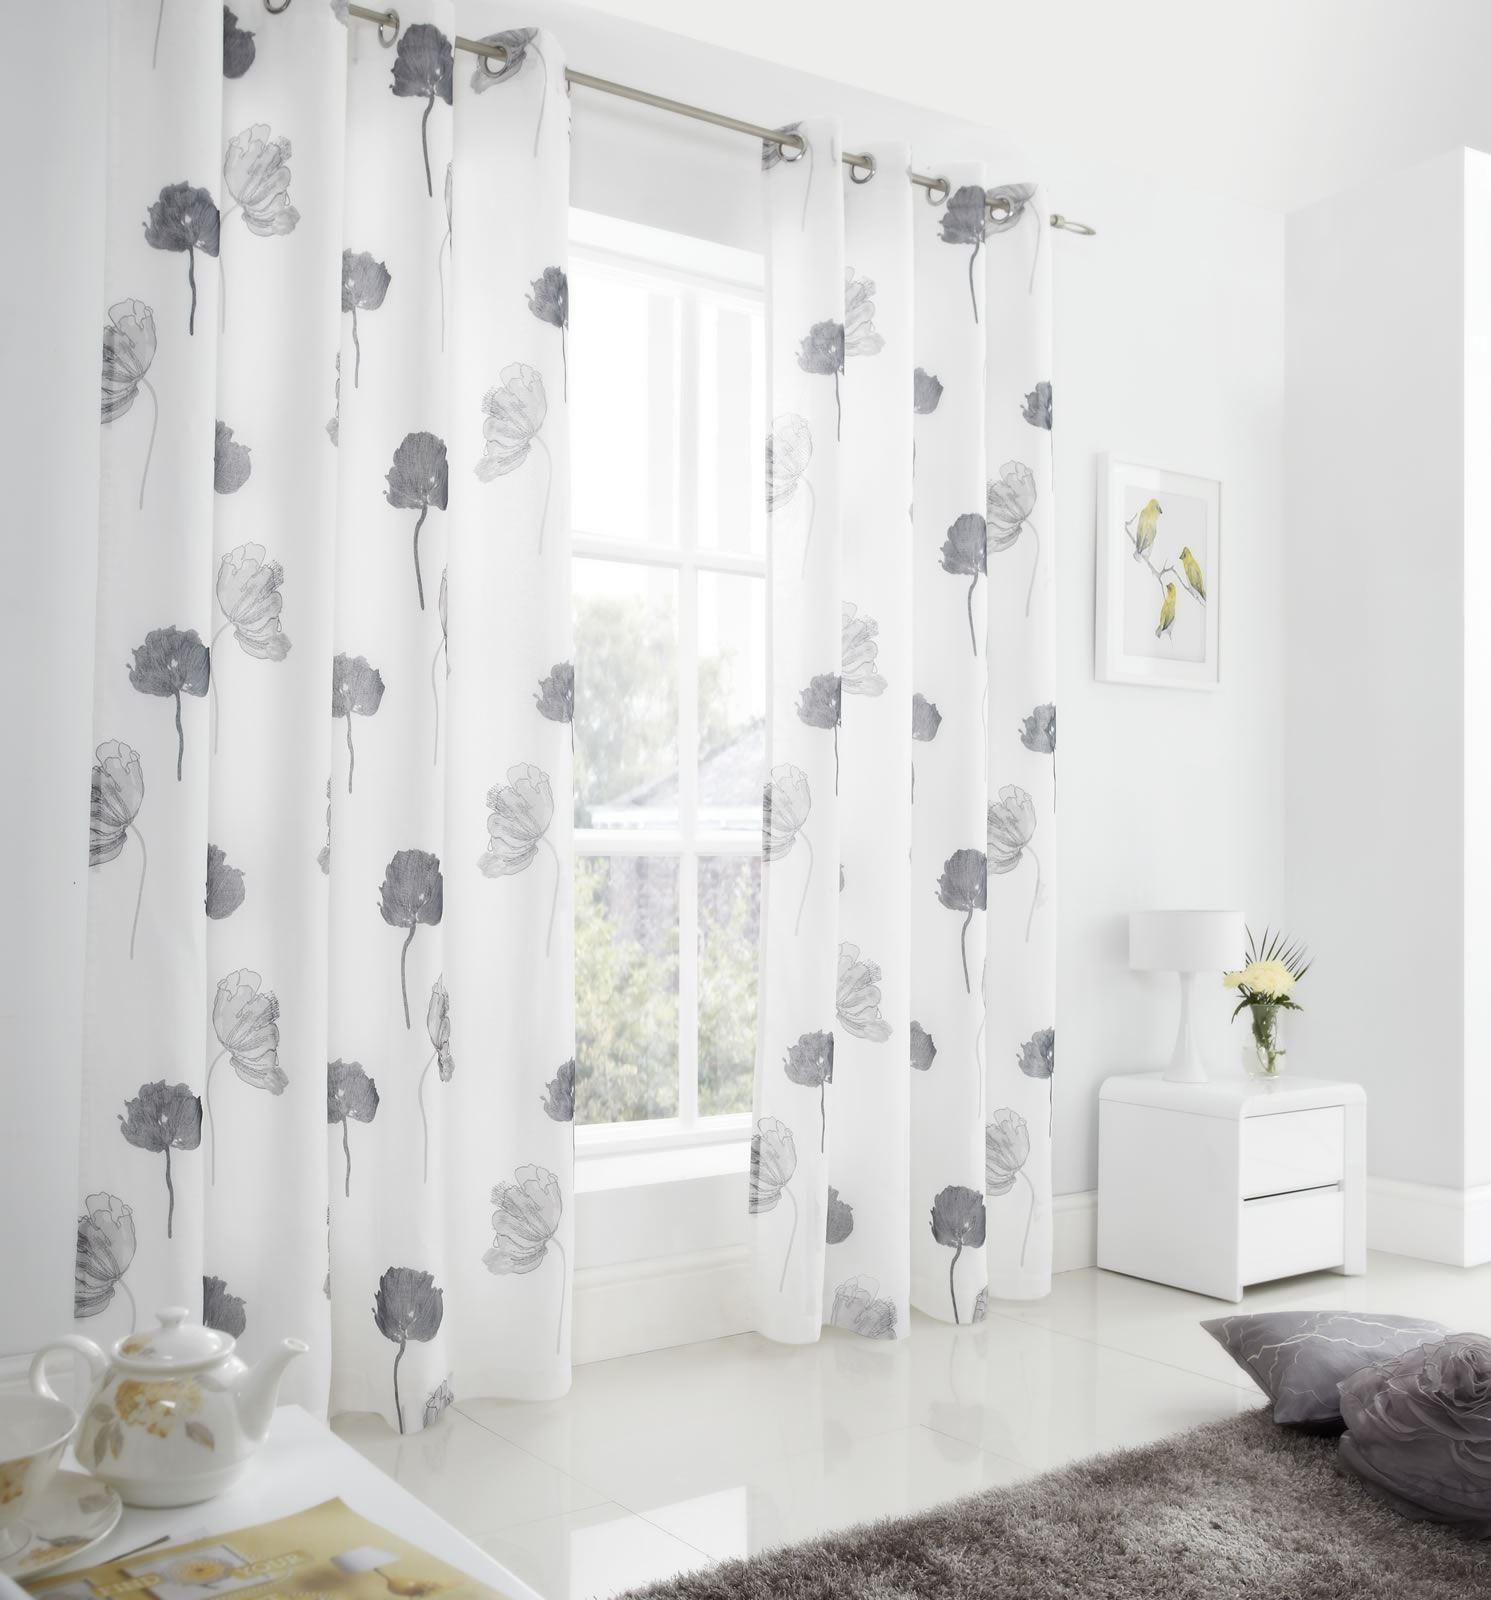 se vorh nge gef ttert voile vorhang panels als paar. Black Bedroom Furniture Sets. Home Design Ideas